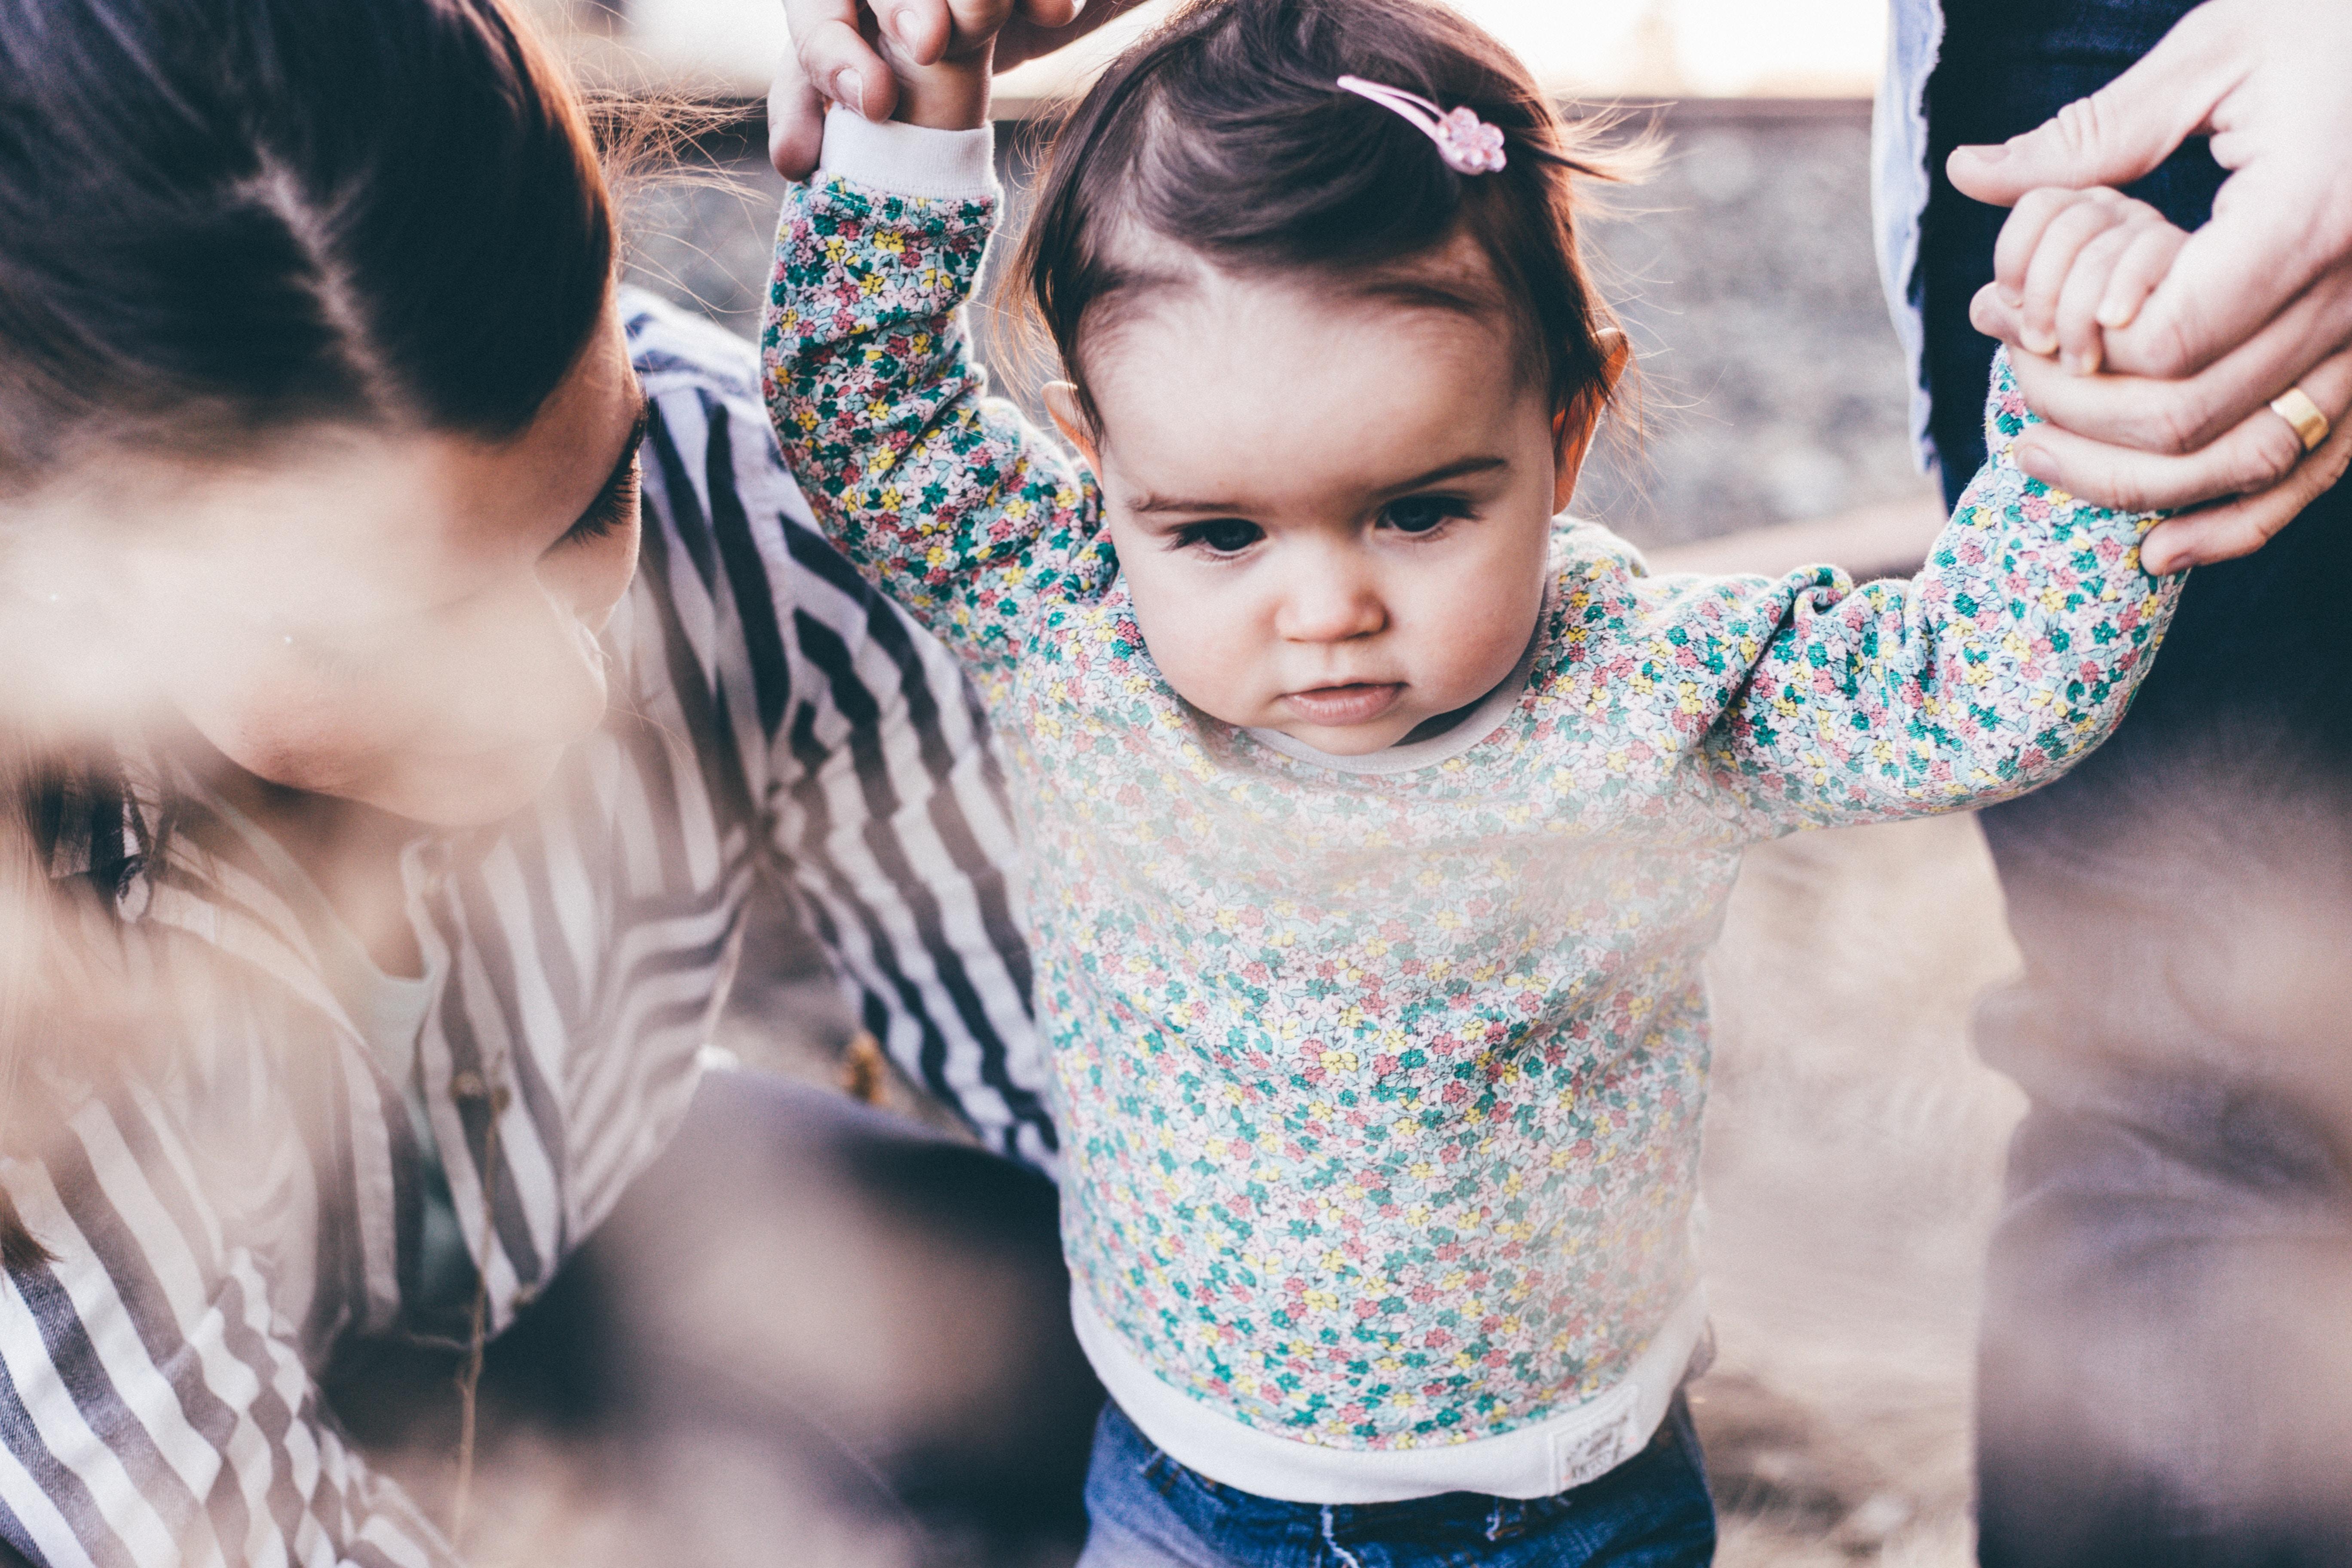 Risiko?: Ansteckungsgefahr beim Kinderazt